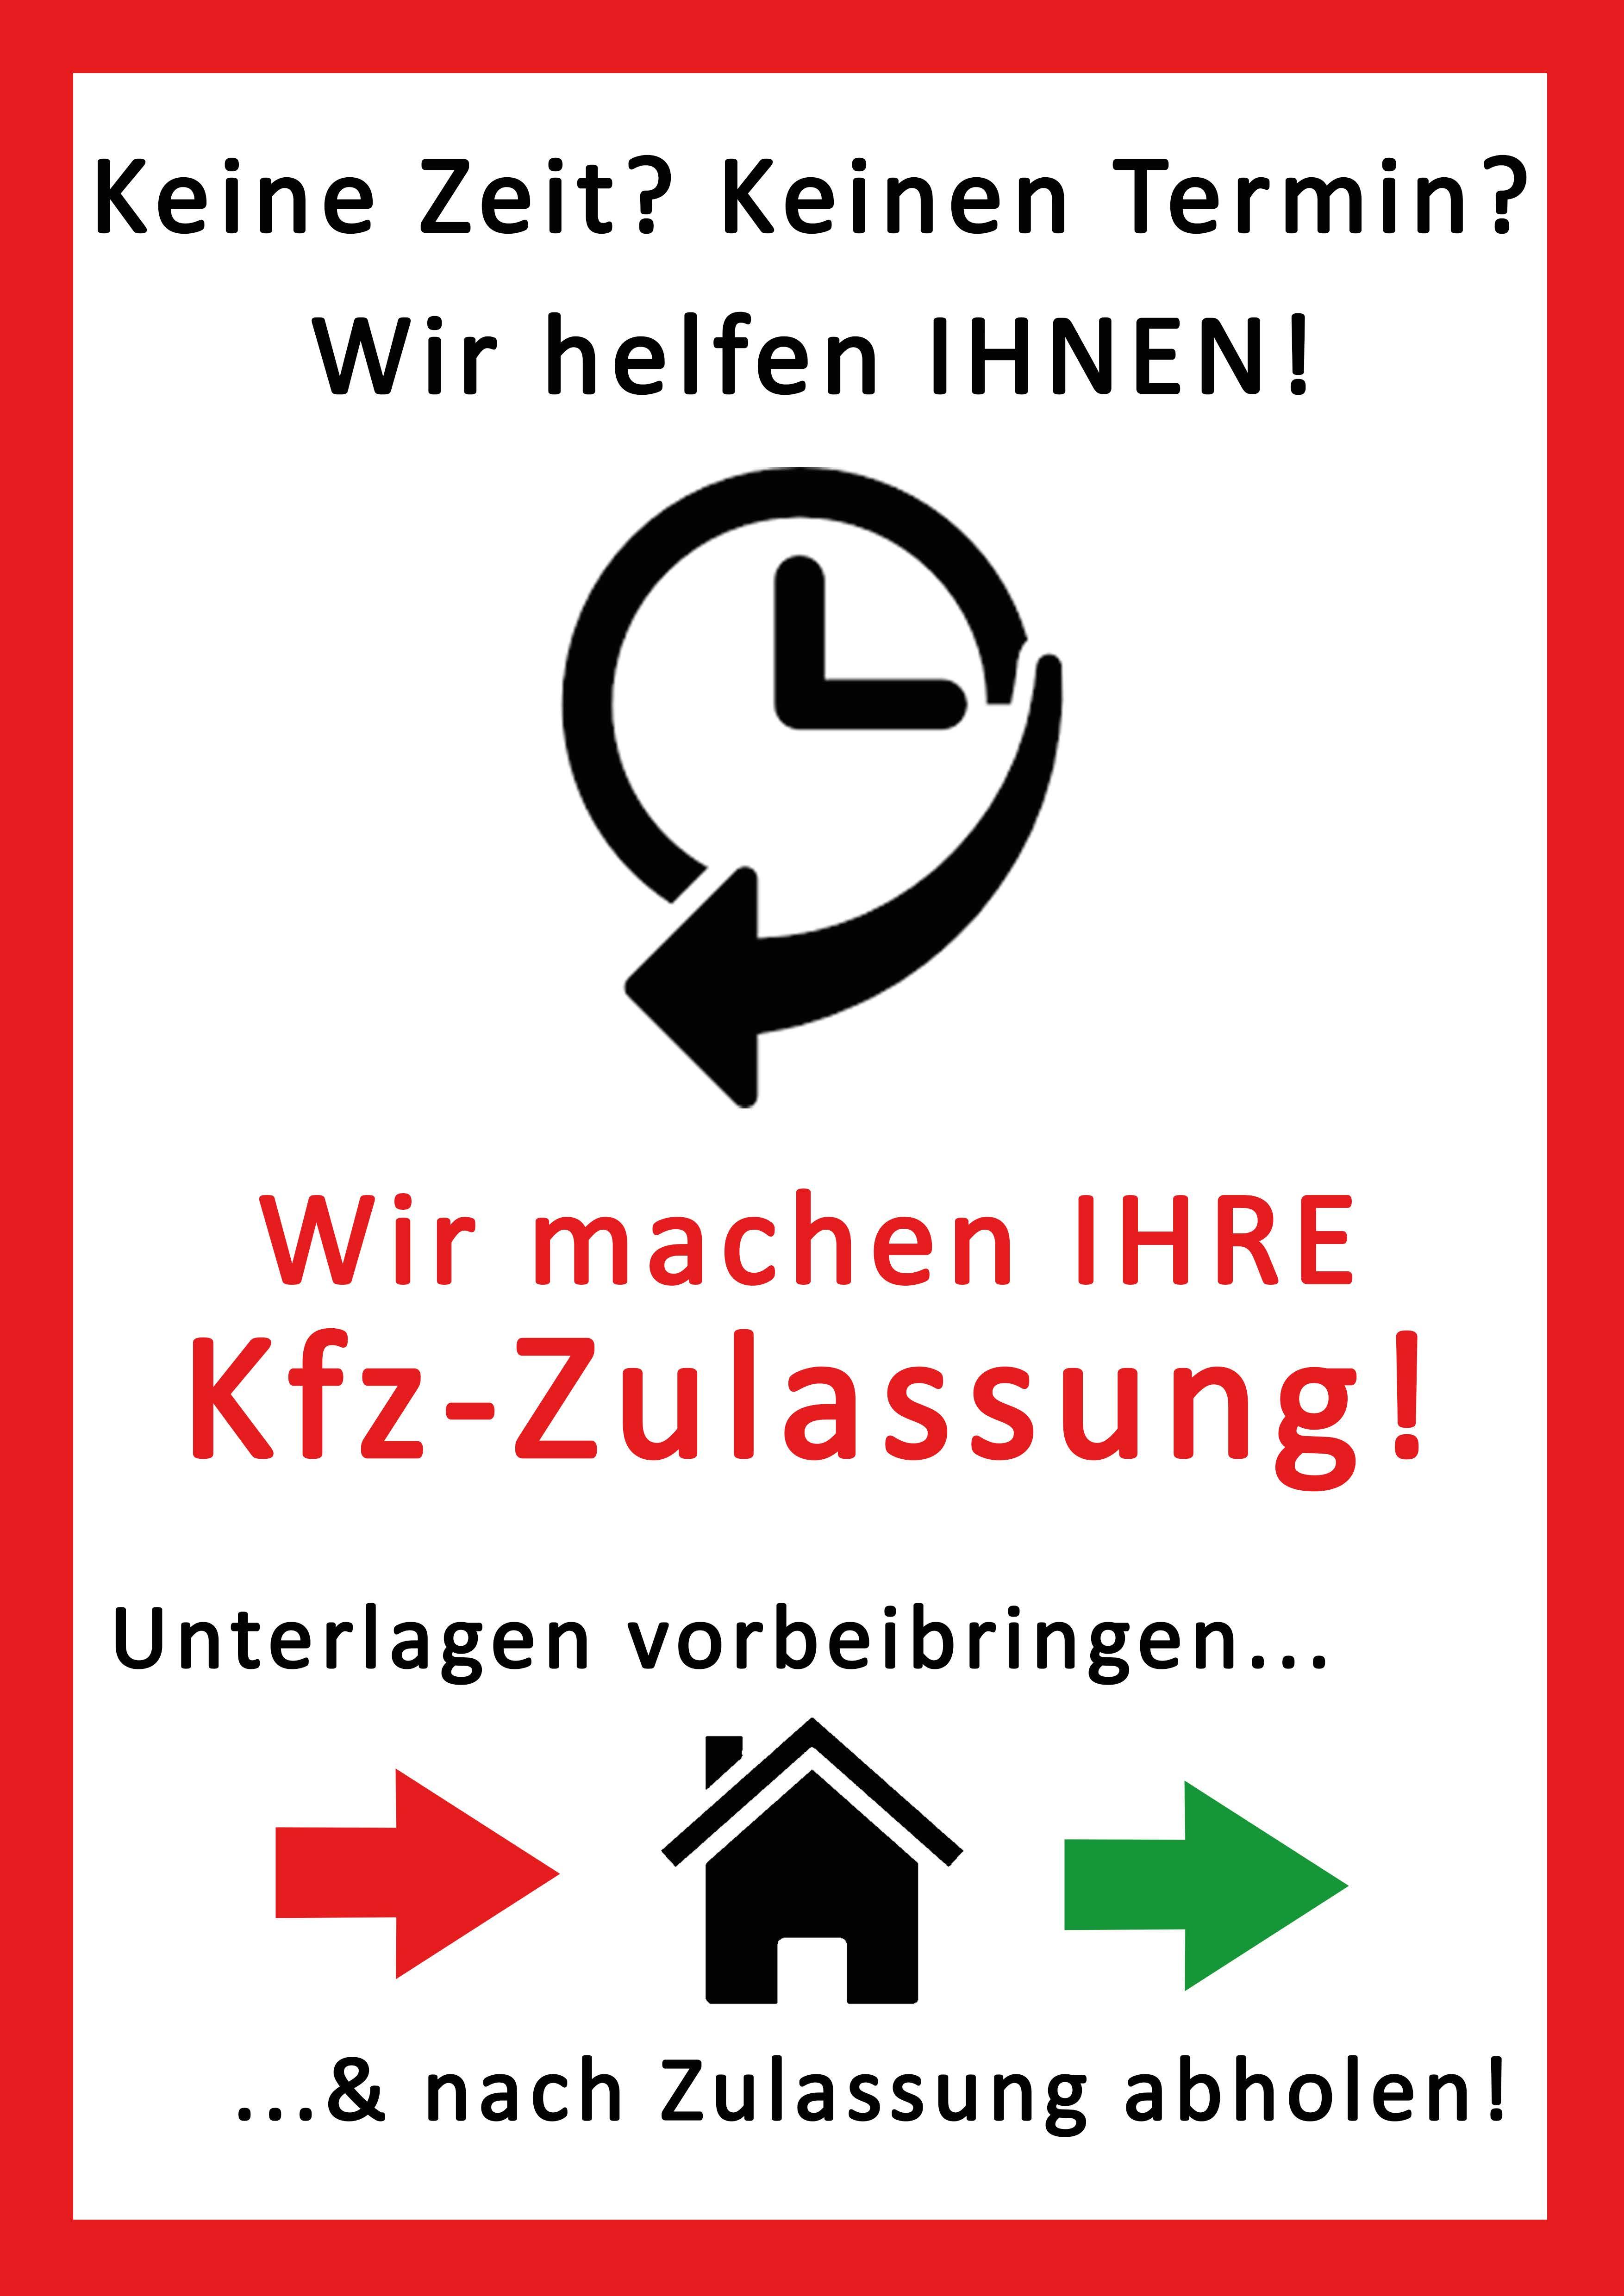 Autoschilder & Zulassungen ARS Halle